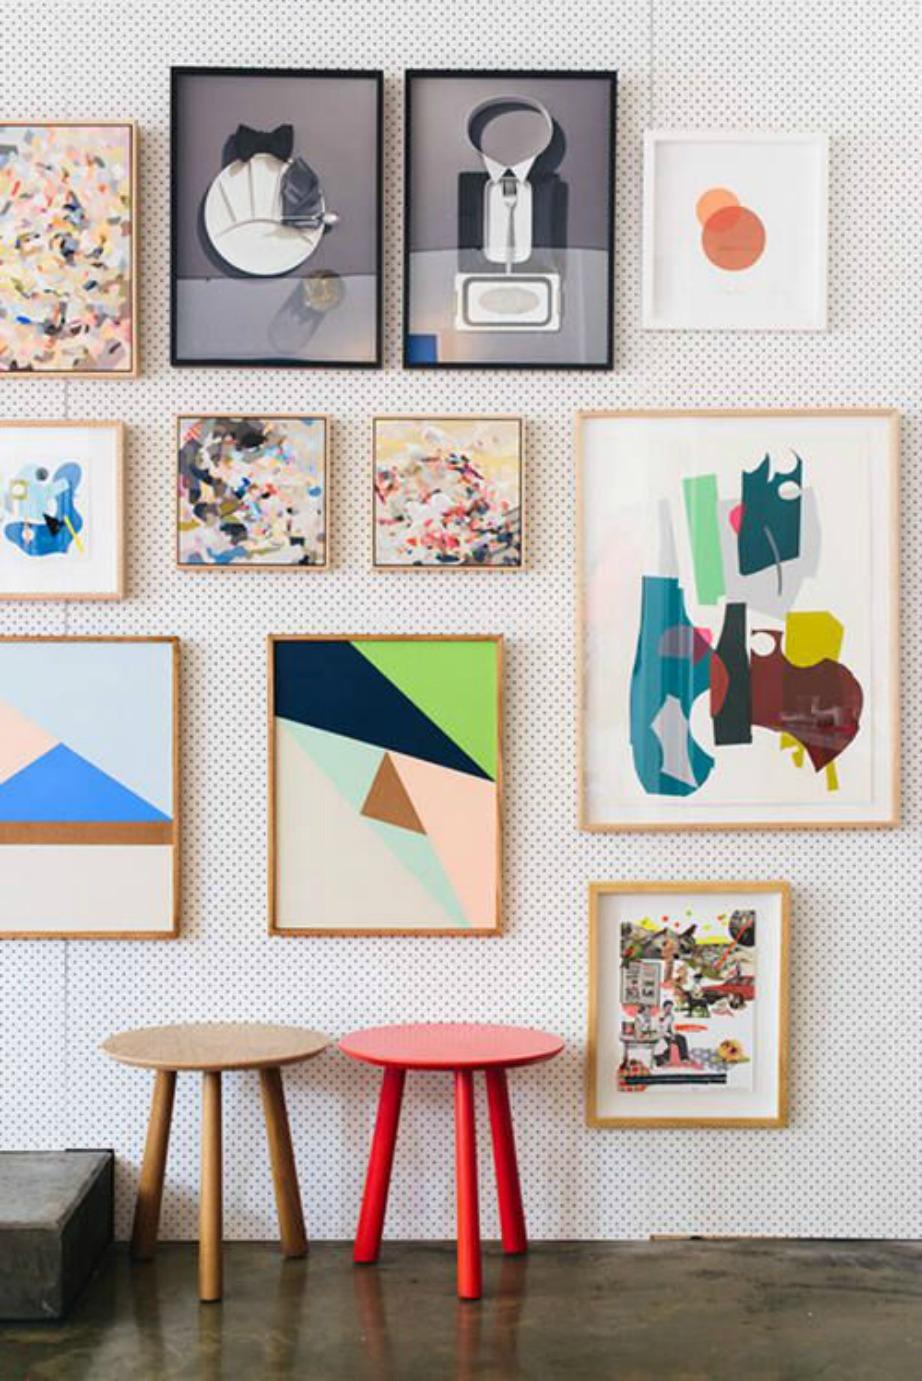 Πολλά και διαφορετικά καδράκια σε τυχαία σειρά πάνω στον τοίχο θα δώσουν χρώμα και στιλ.